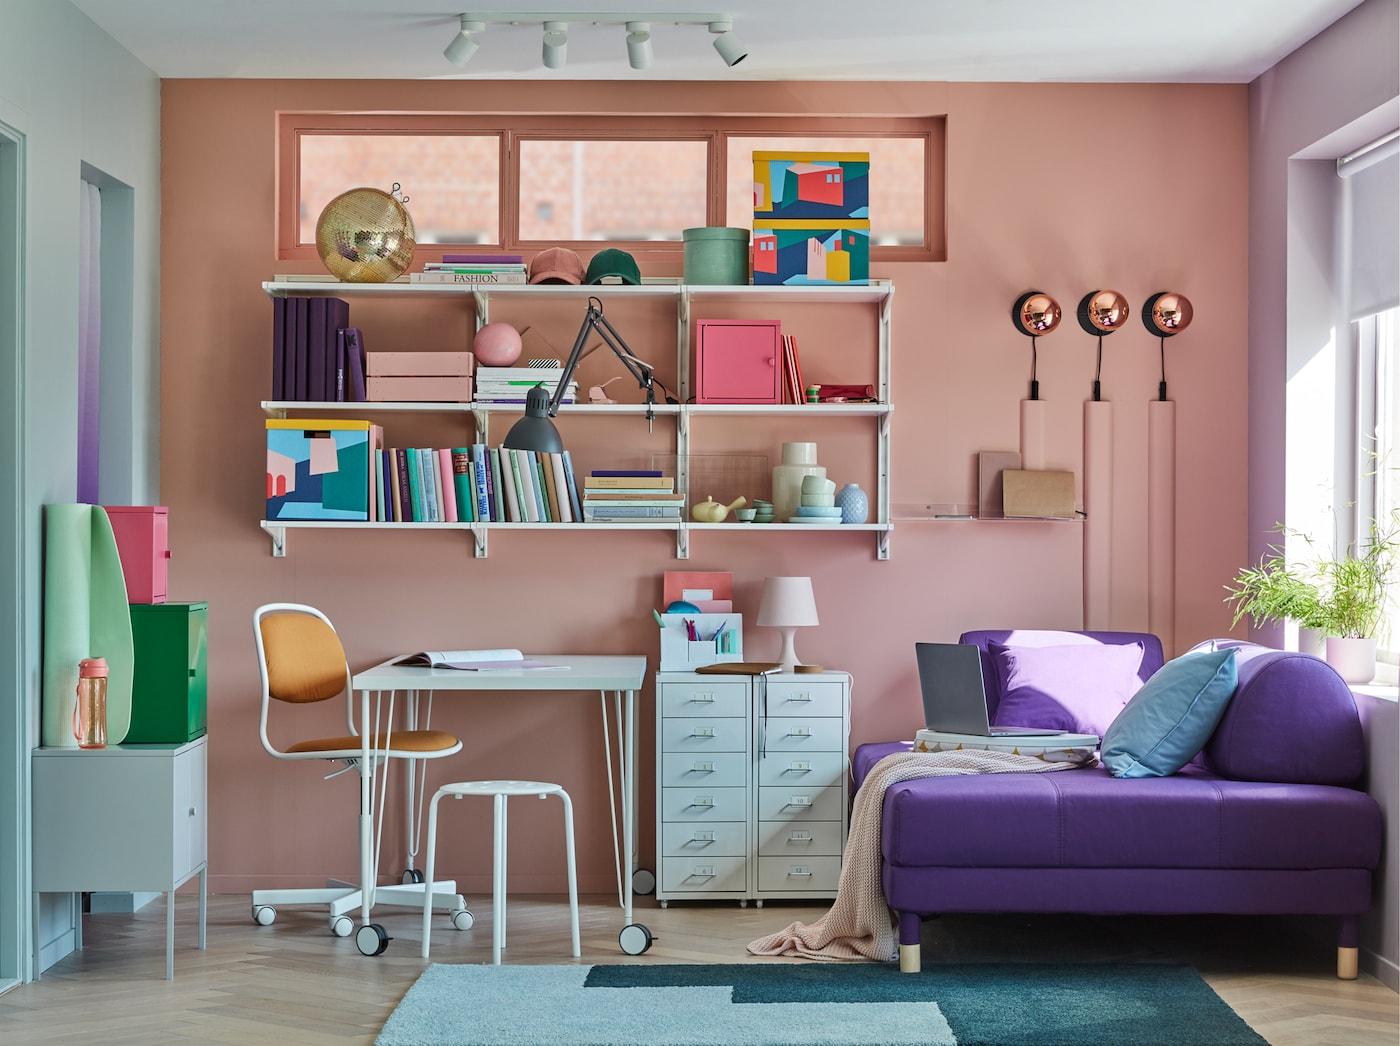 小型家庭办公室配有白色 LINNMON 利蒙/KRILLE 克瑞尔 带脚轮桌子、一些搁板、储物柜和沙发床。